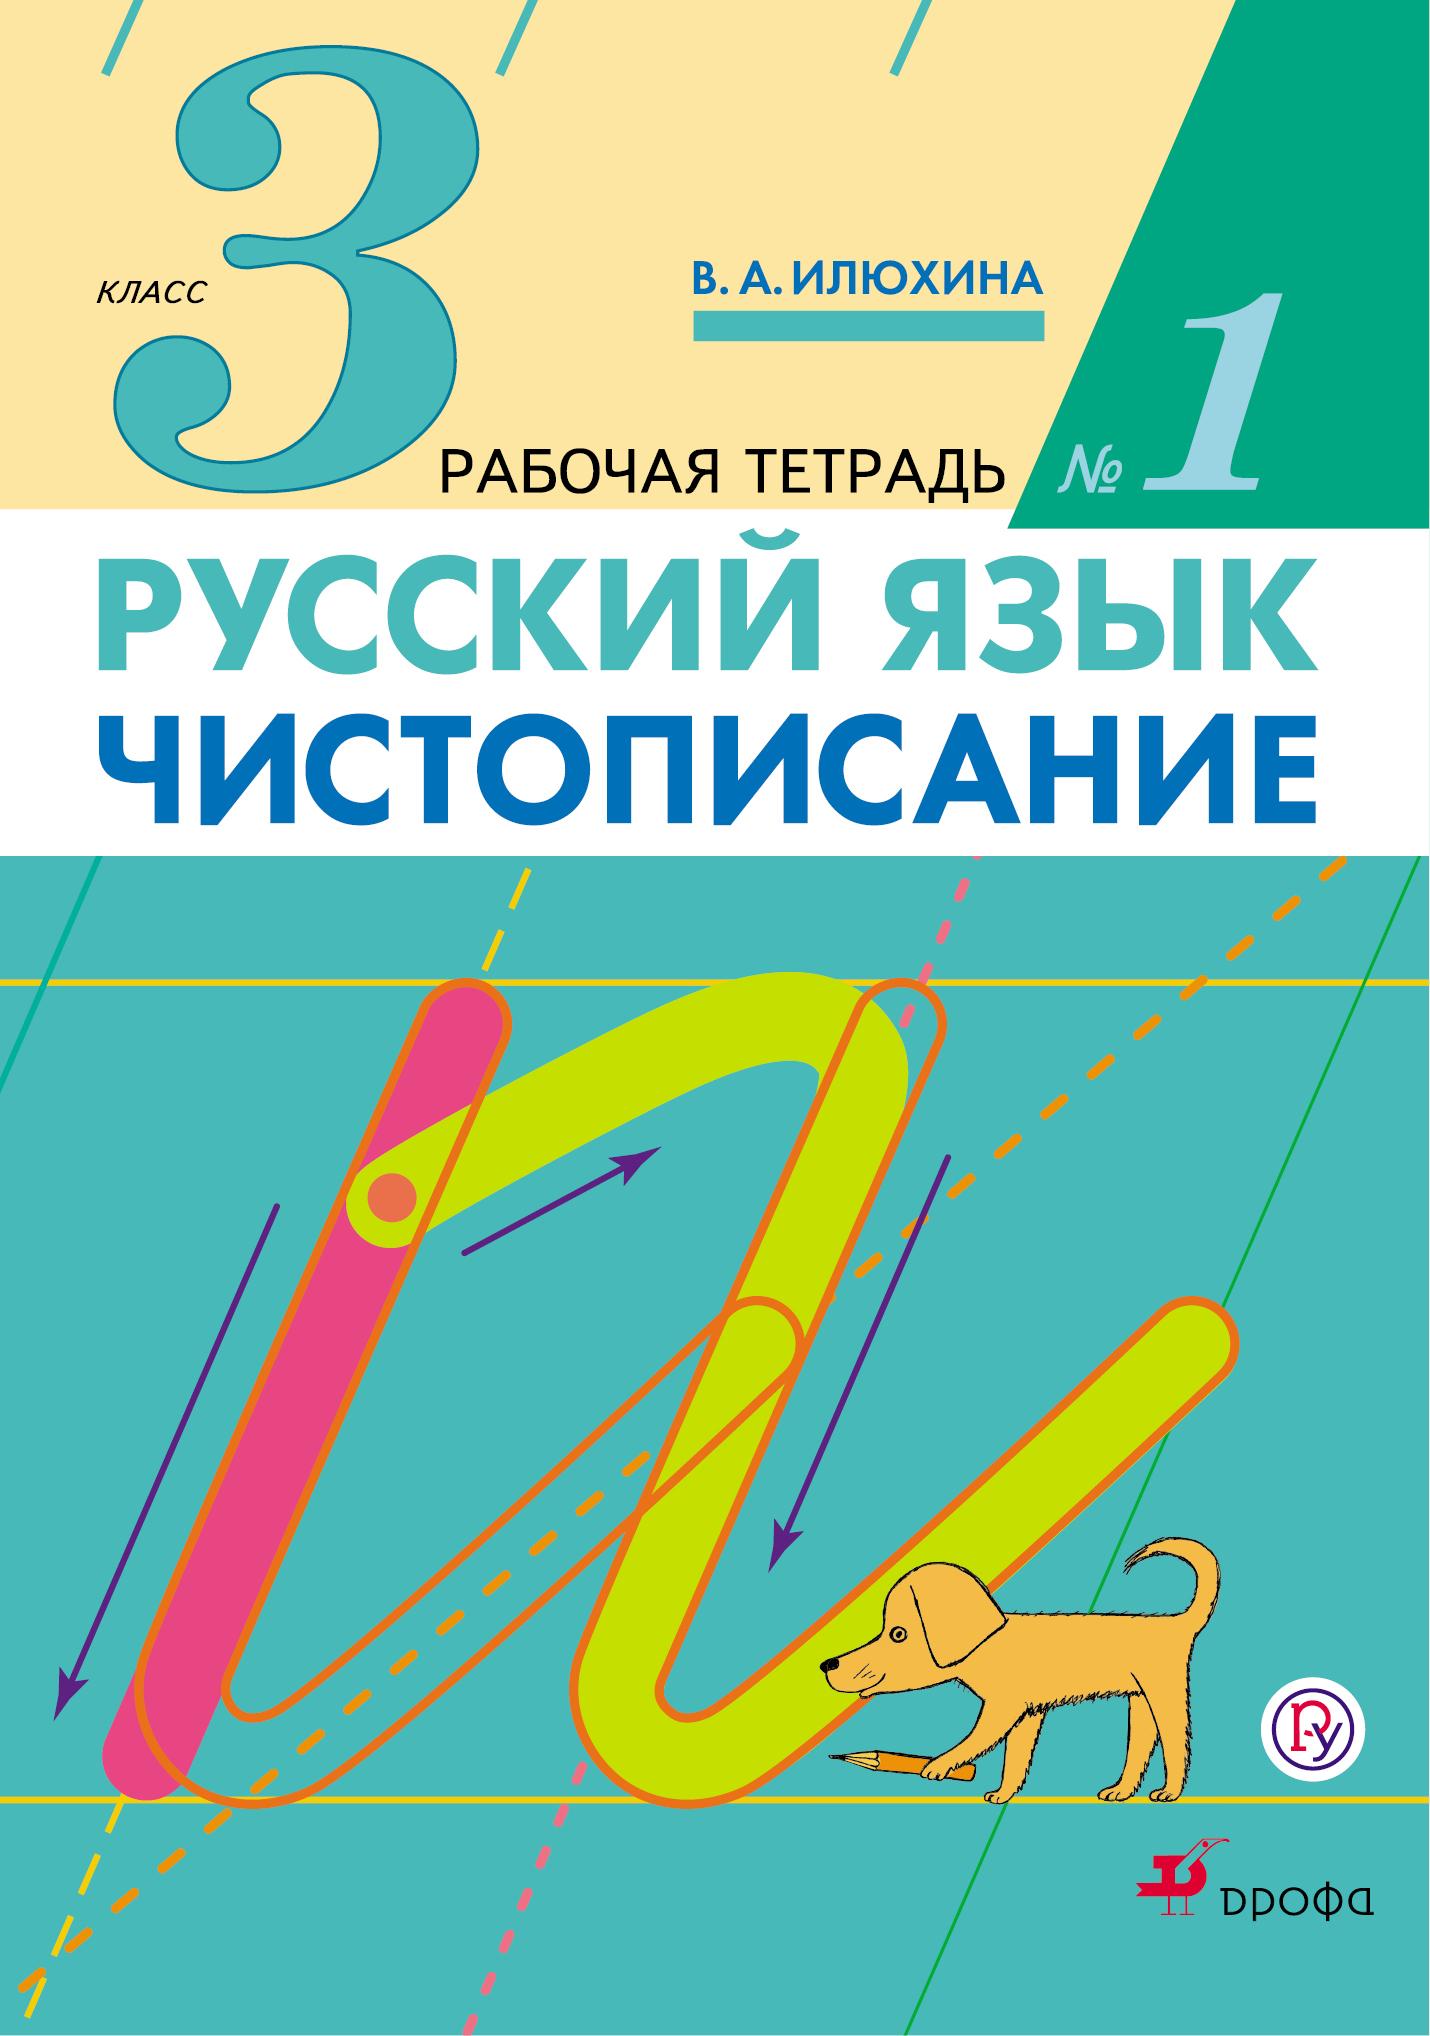 Русский язык. Чистописание. 3 класс. Рабочая тетрадь № 1 ( Илюхина В.А.  )